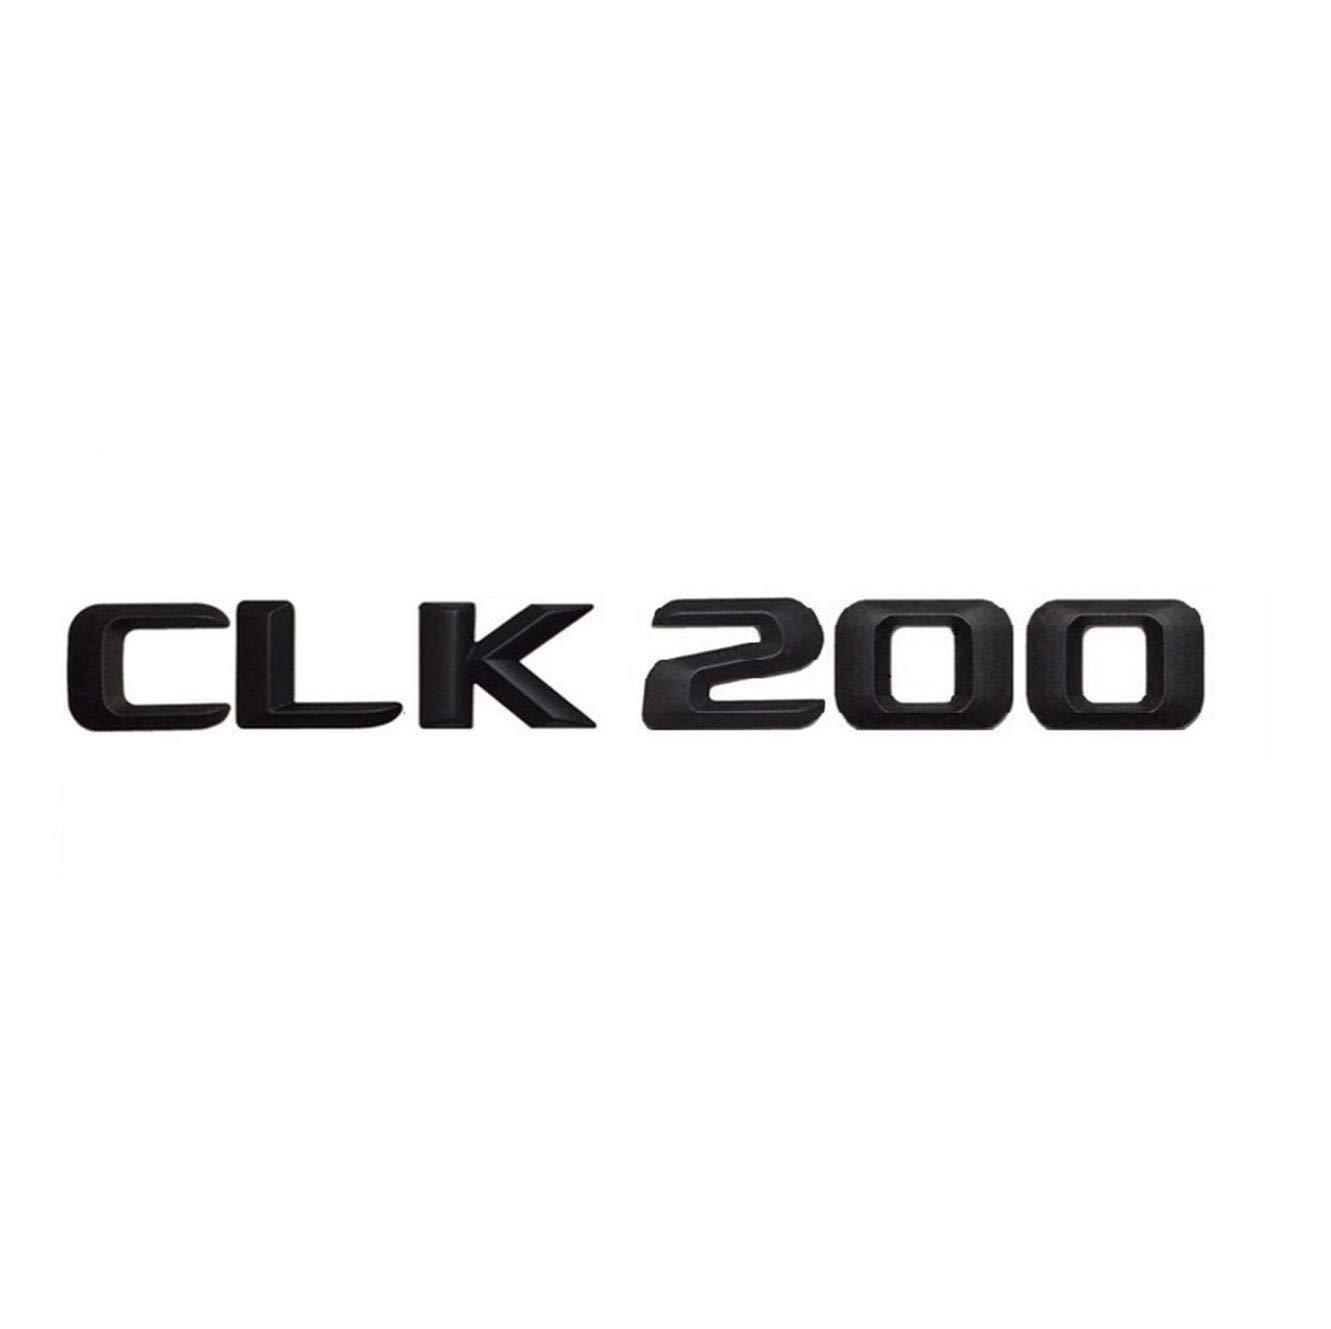 CXYYJGY Noir Mat CLK 200 Coffre de Voiture arri/ère Lettres mot Badge Embl/ème lettre autocollant autocollant CLK classe CLK200